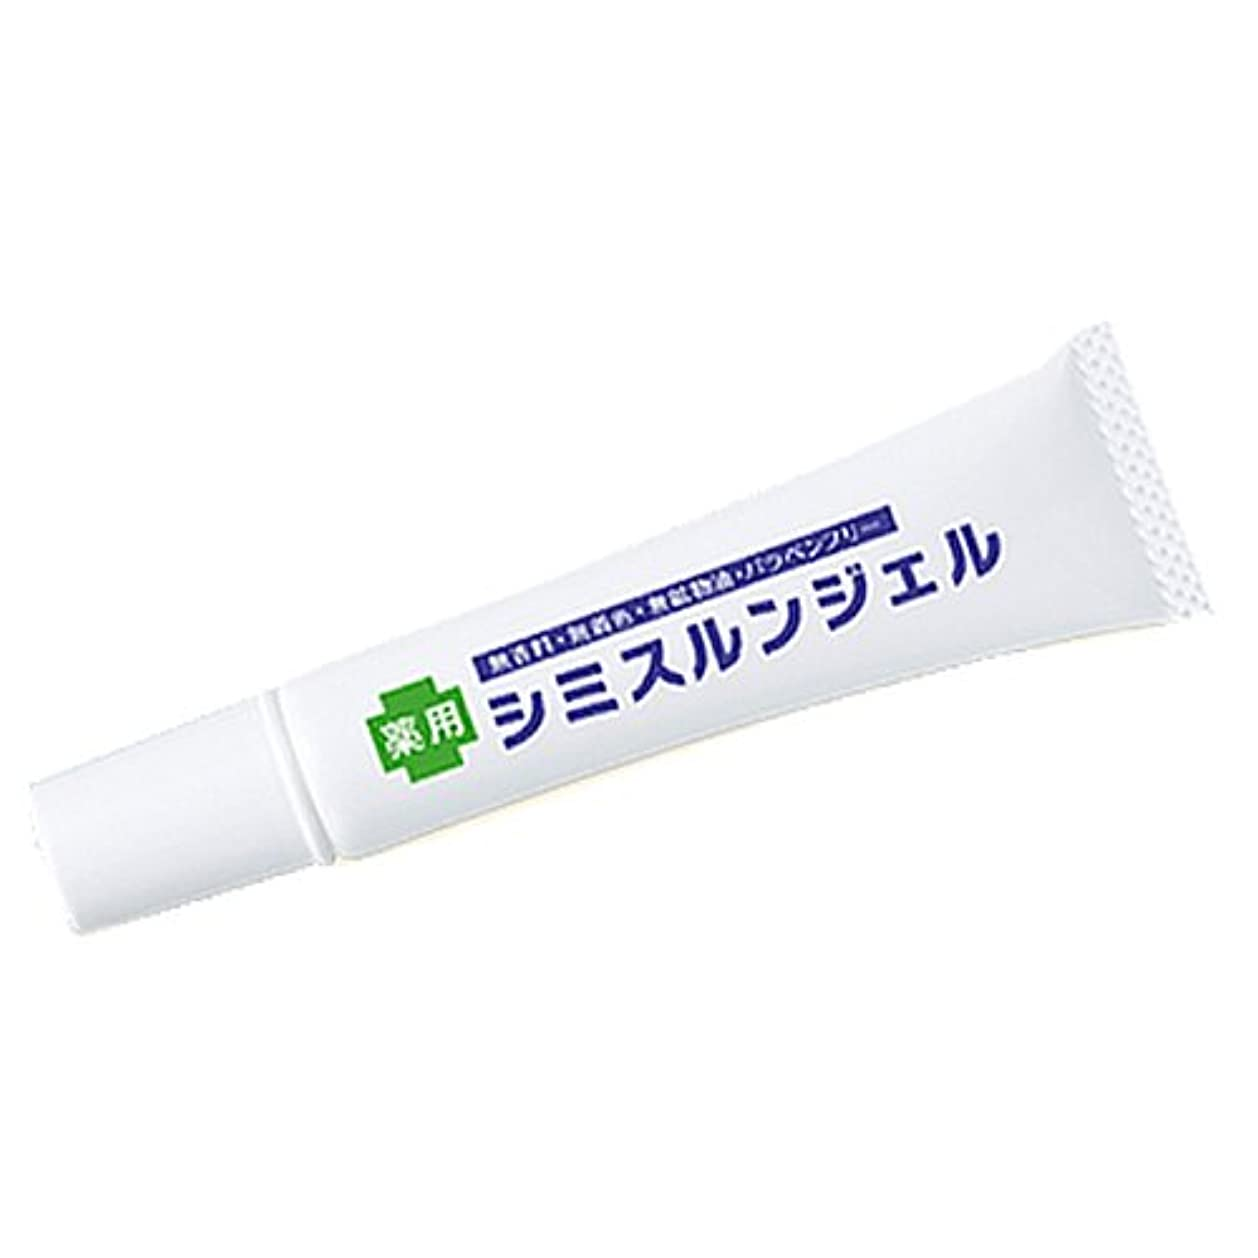 掃除神経衰弱不健全ナクナーレ 薬用シミスルンジェル 医薬部外品